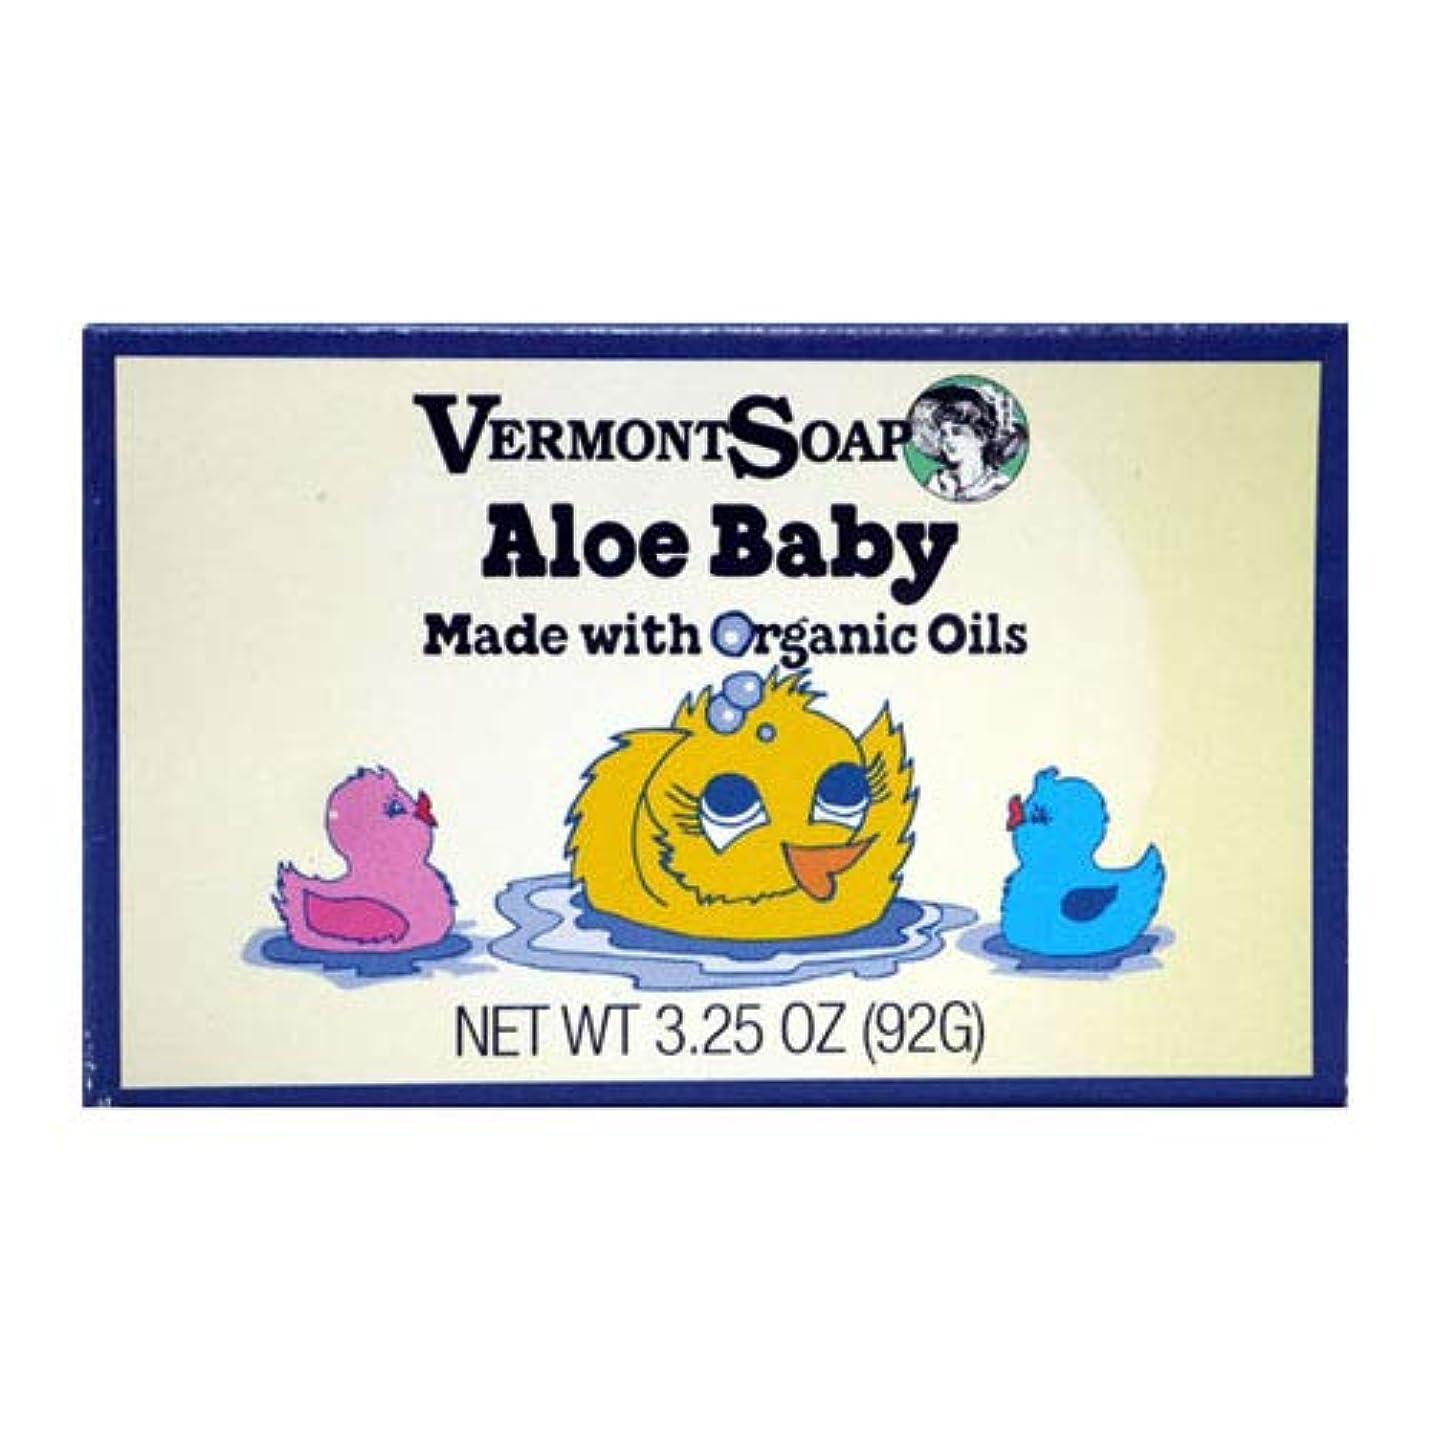 なす意欲誇りに思うVermontSoap バーモントカントリーソープ (アロエベビー) 92g オーガニック石けん 洗顔 ボディー